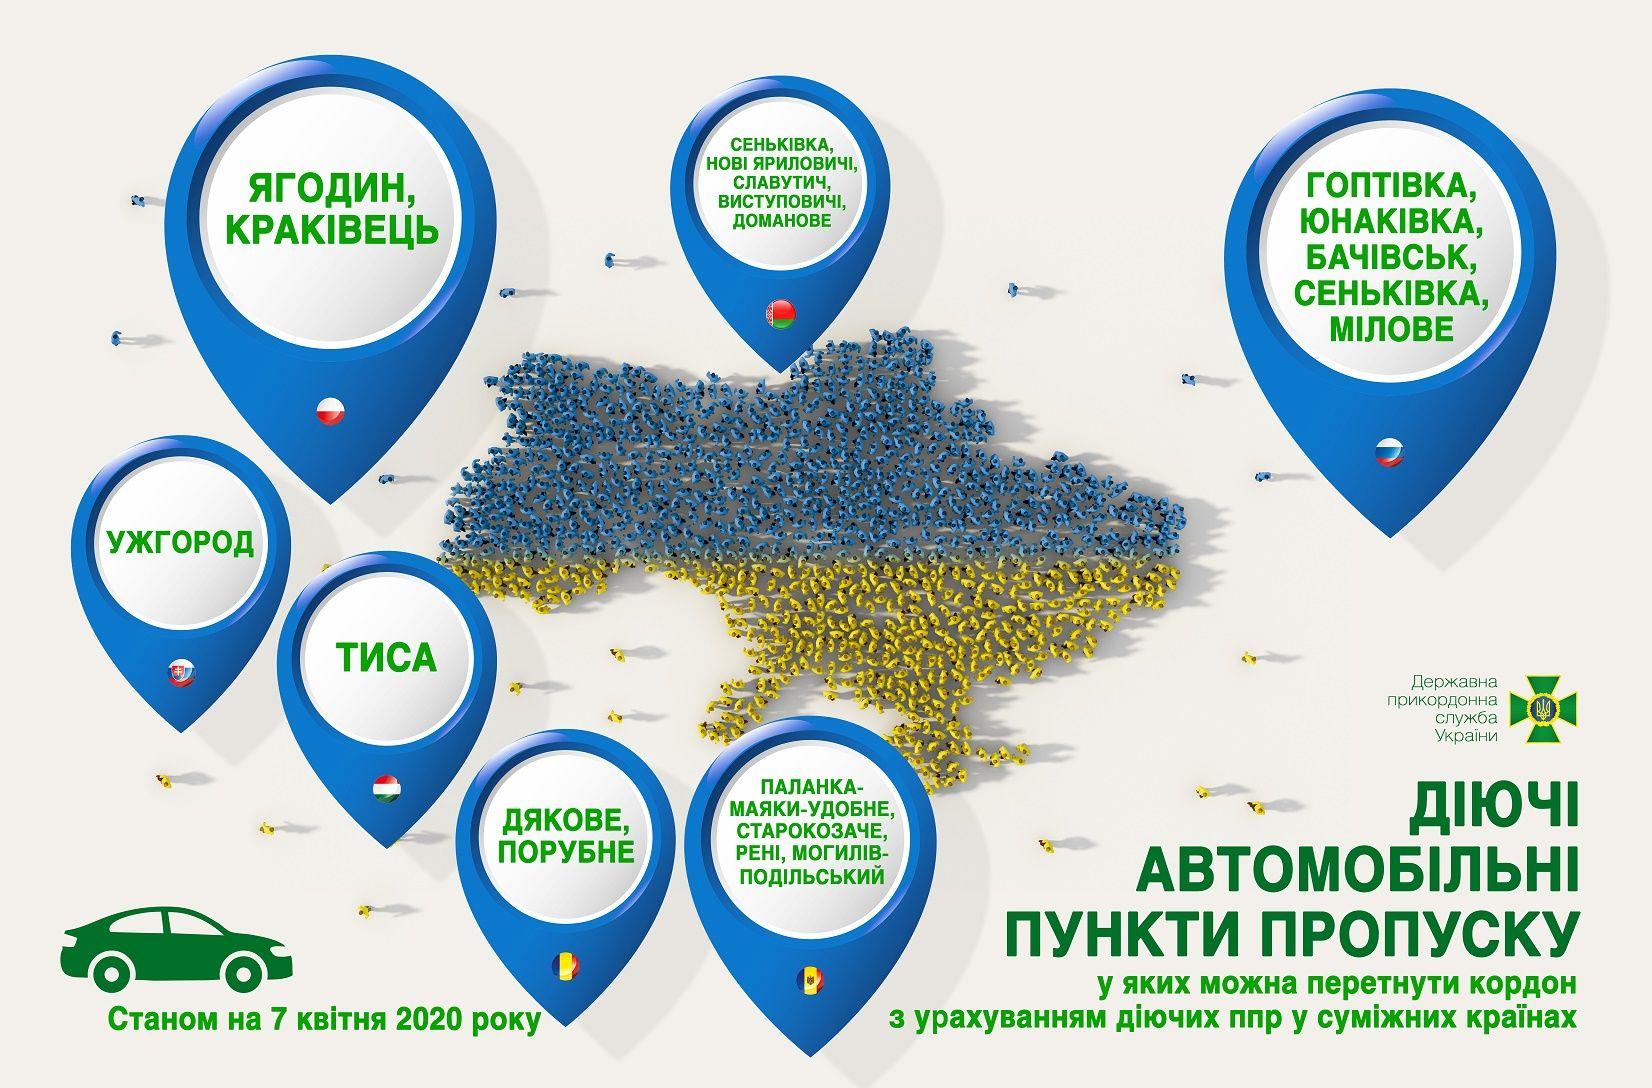 На Харківщині лишається єдиний пункт пропуску через кордон